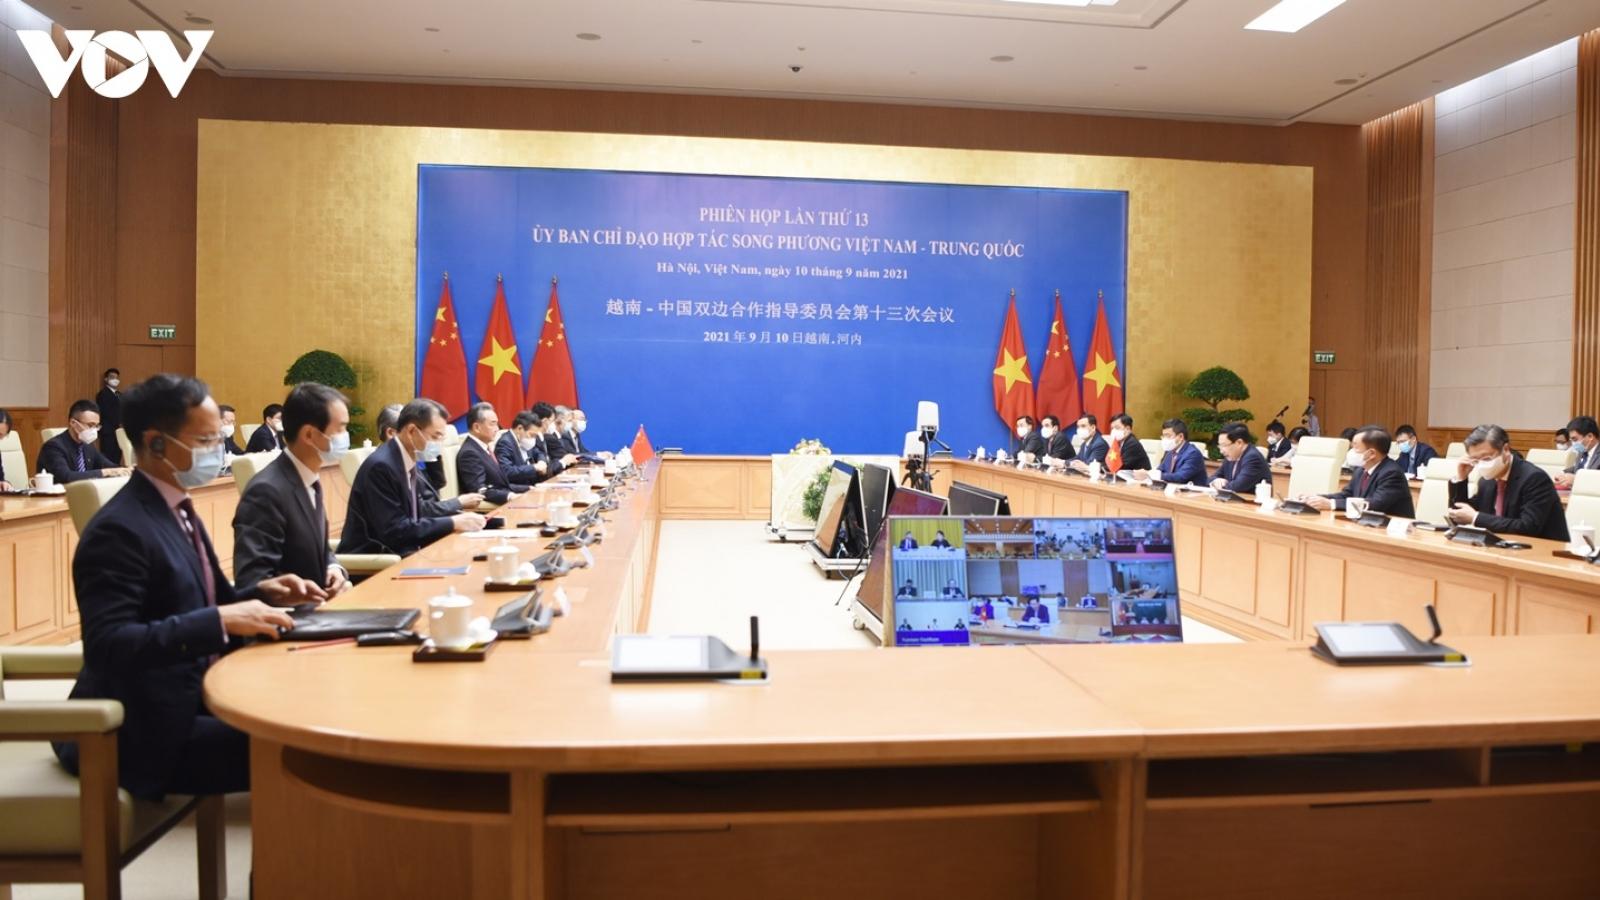 Trung Quốc sẽ viện trợ thêm 3 triệu liều vaccine Covid-19 cho Việt Nam